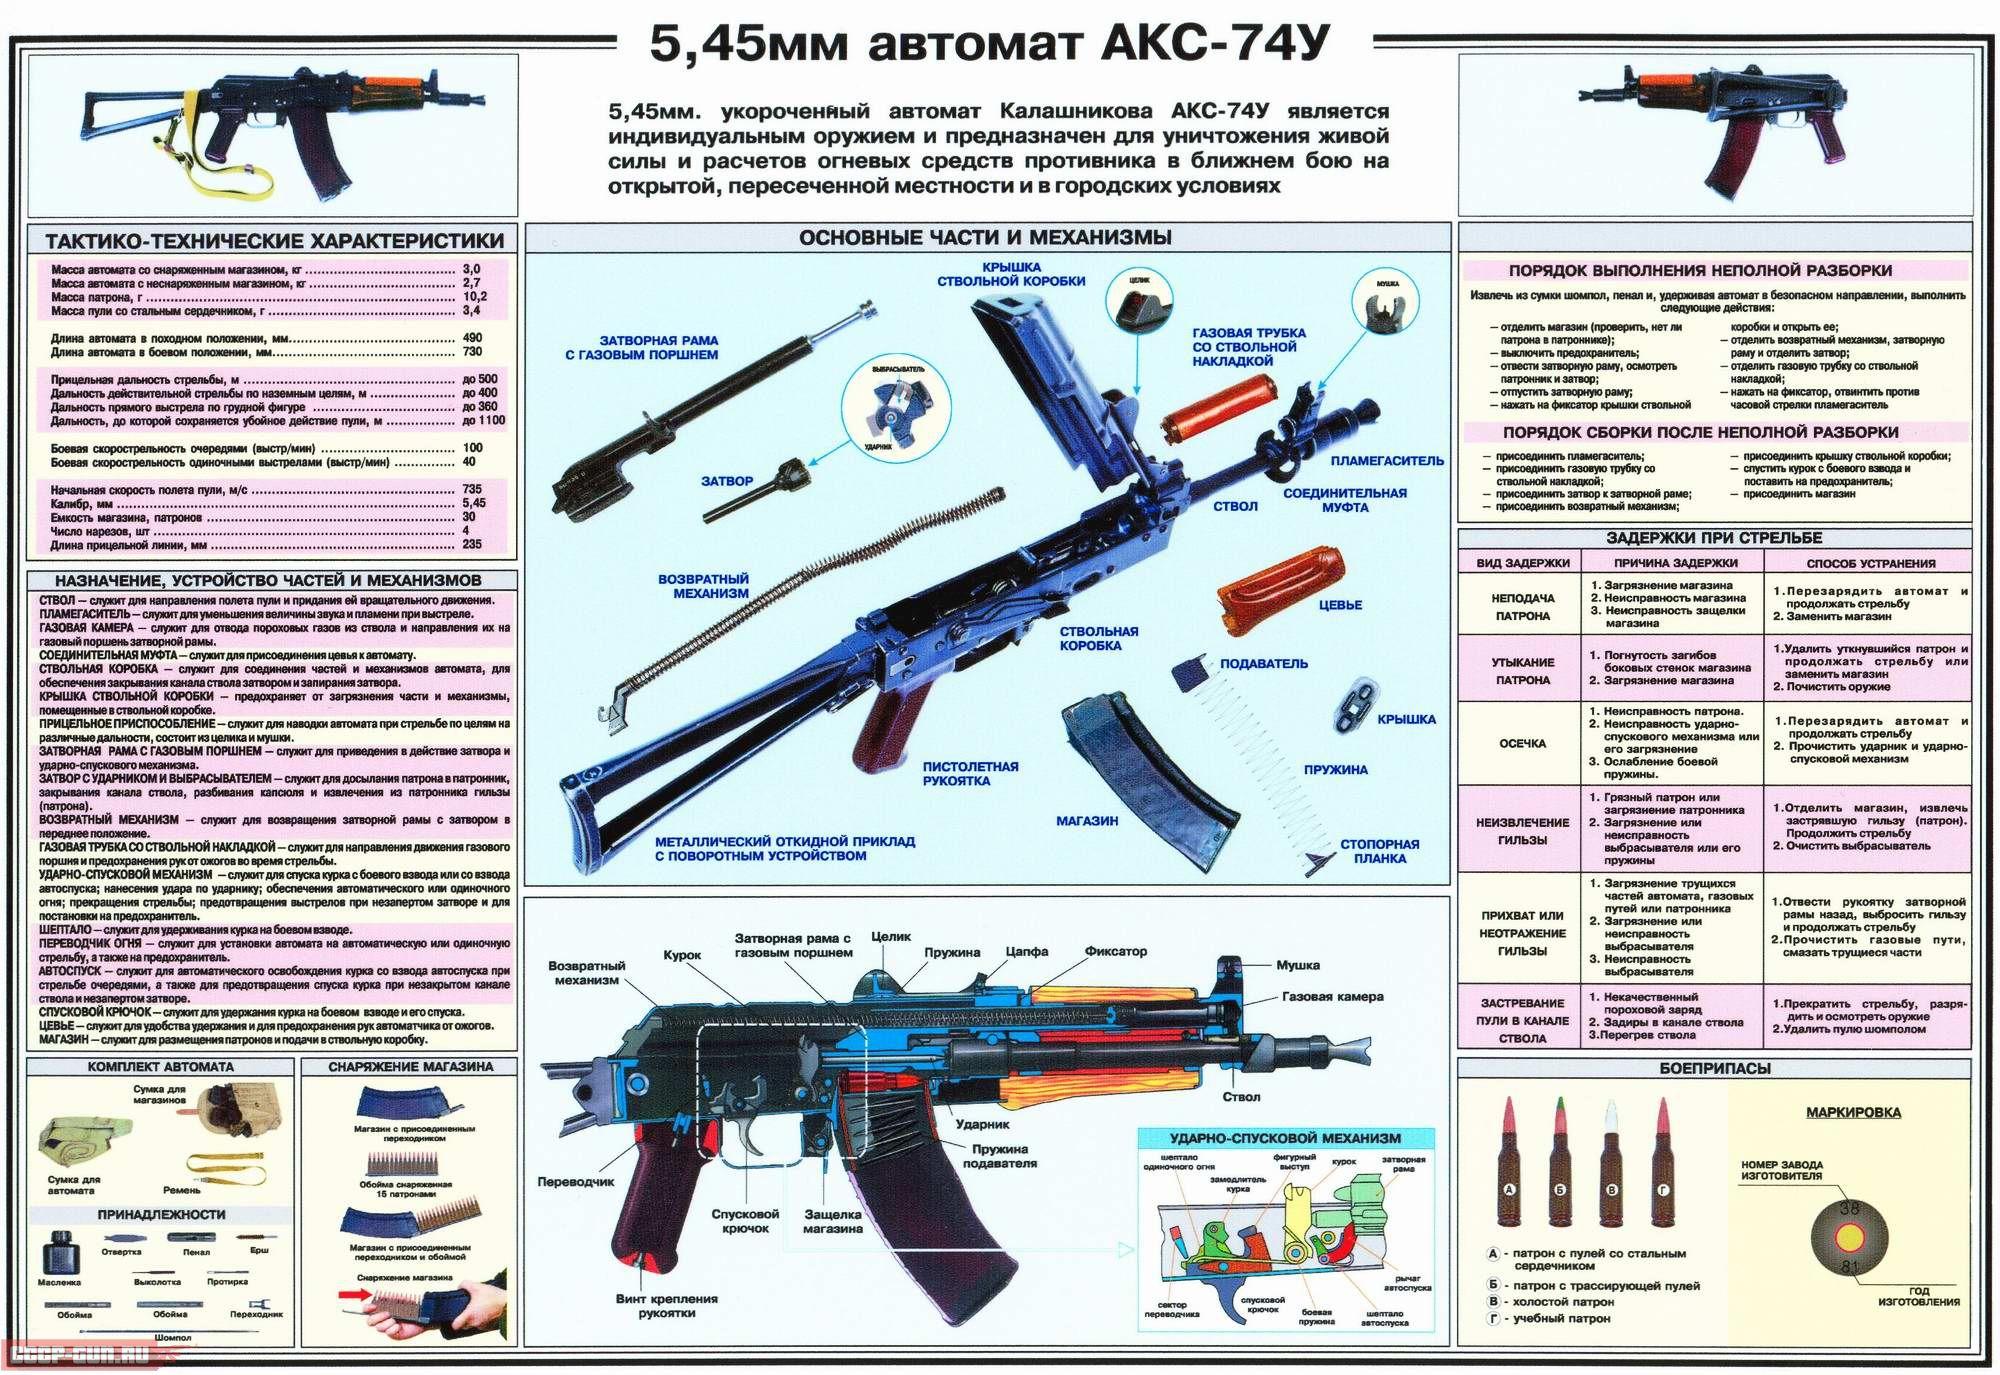 Взрыв схема на охолощенный автомат АКСУ СО (Ружья ТОЗ СХП) скачать